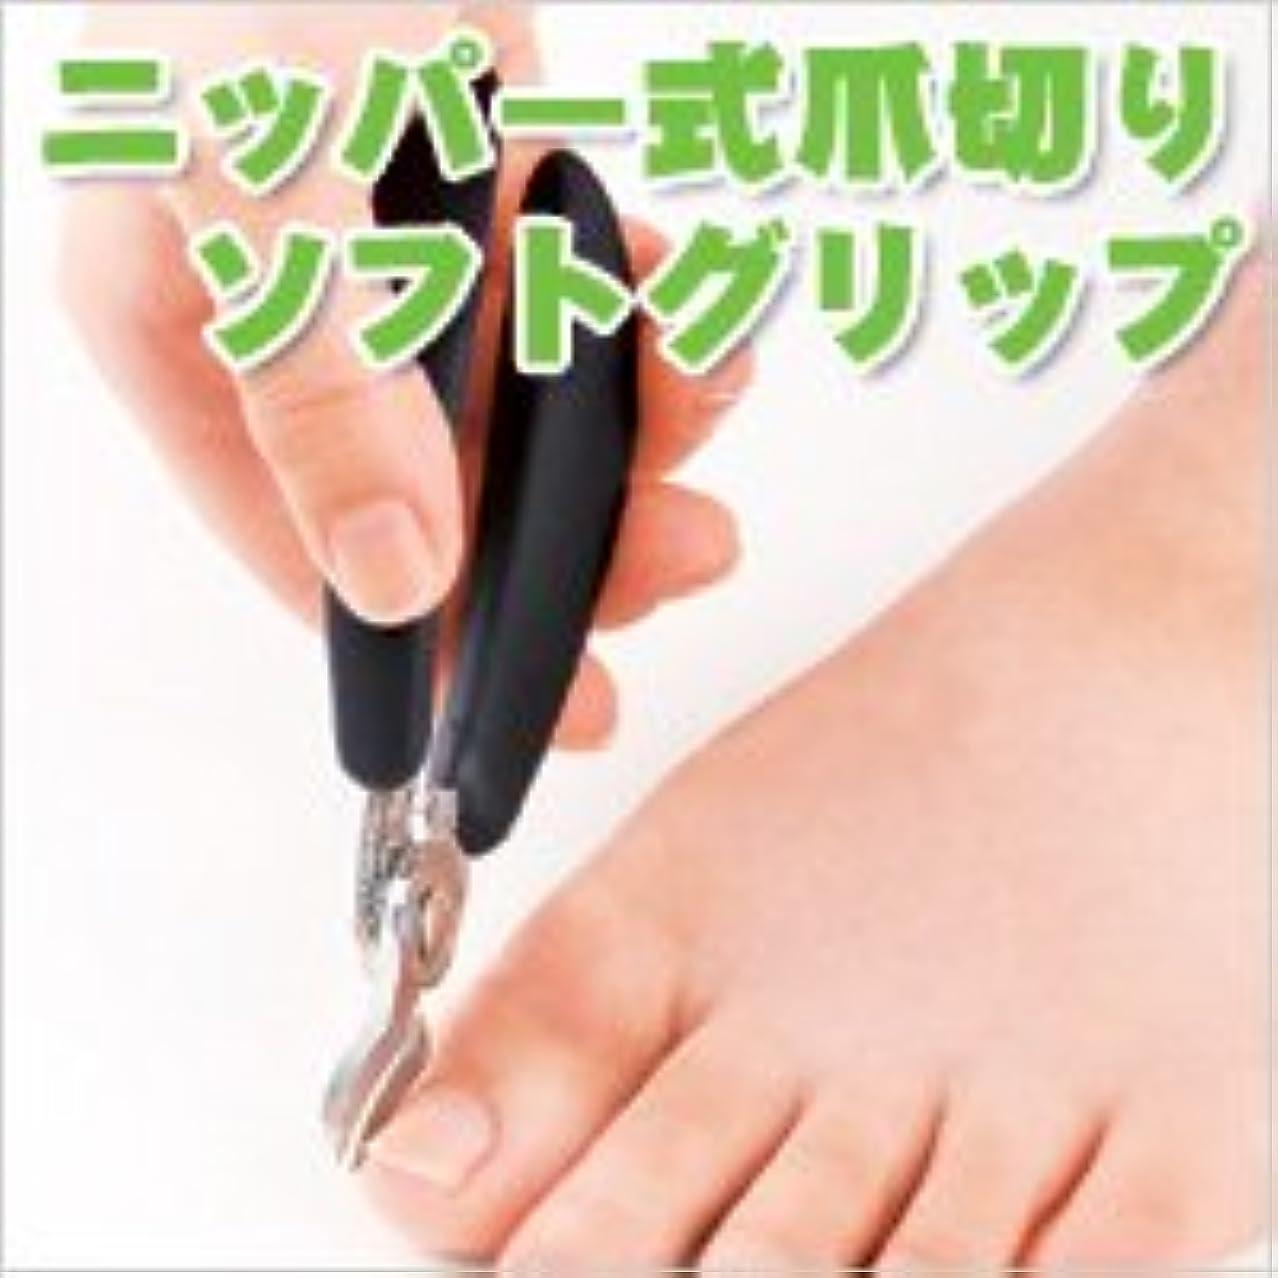 意味するコートリスニッパー式爪切りソフトグリップ